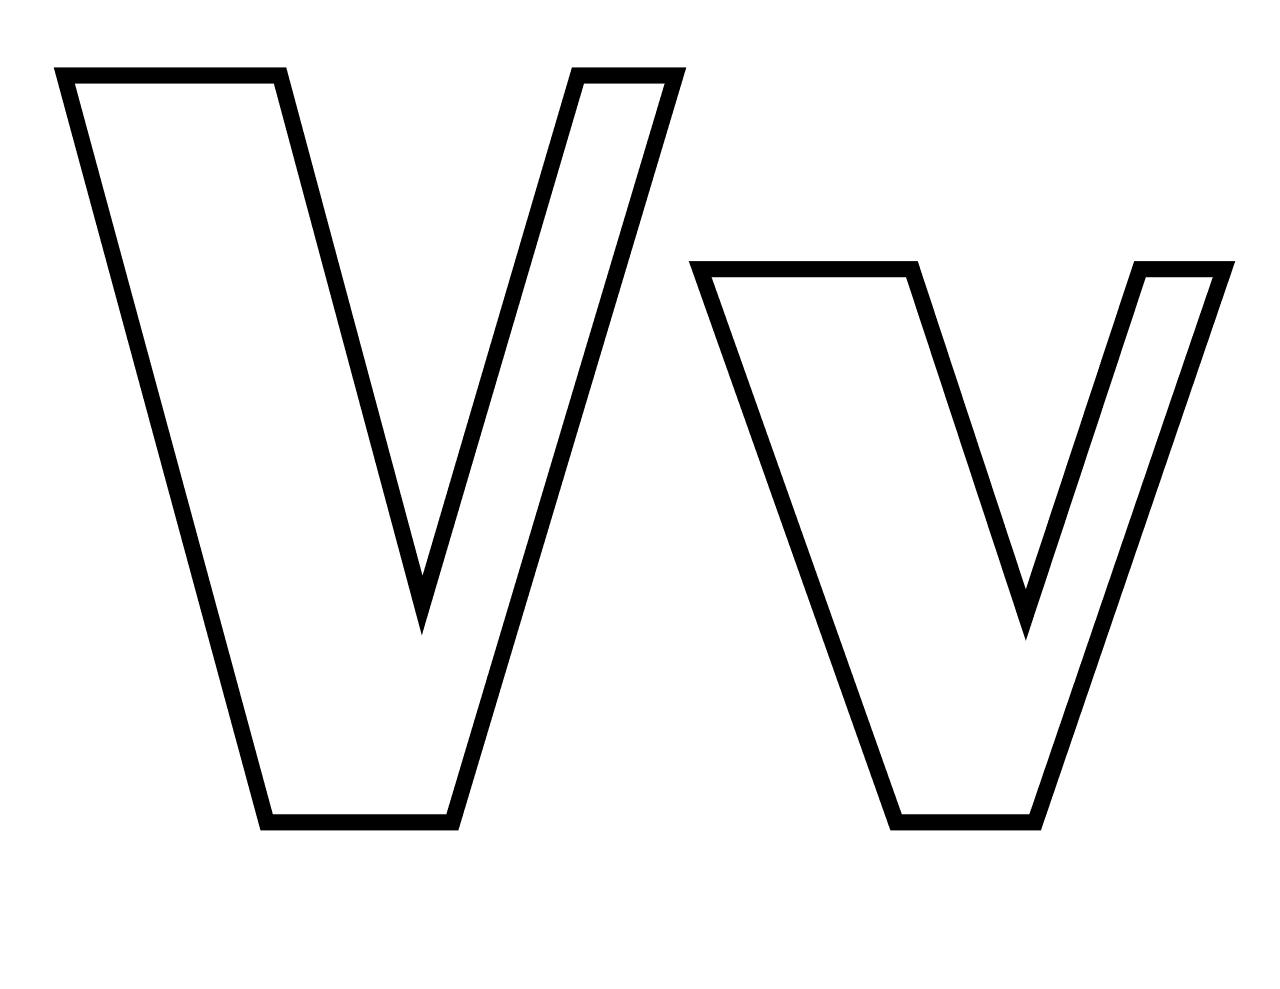 letter v coloring page uppercase letter v coloring pages worksheets printables coloring v letter page